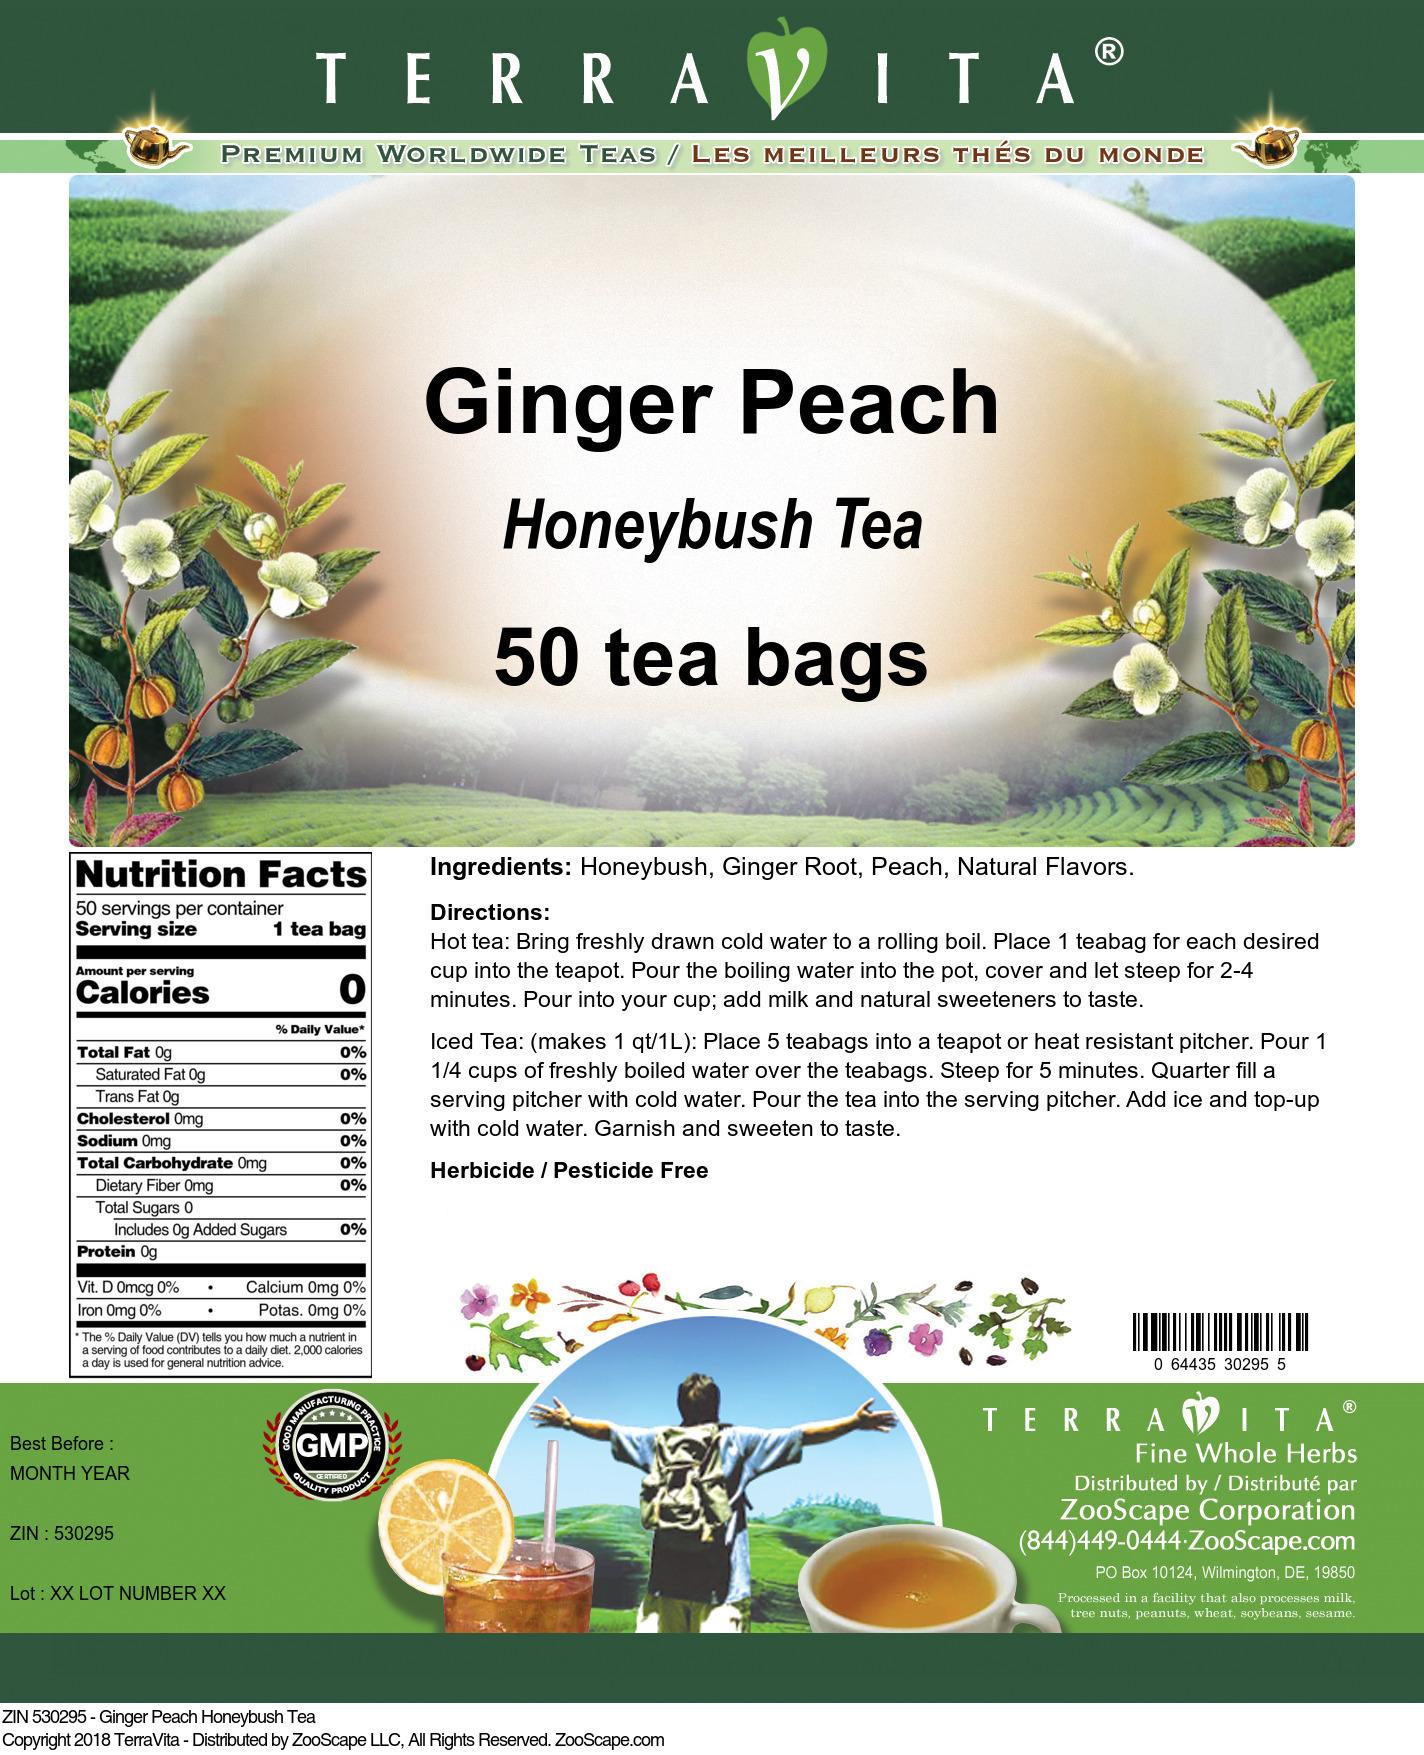 Ginger Peach Honeybush Tea